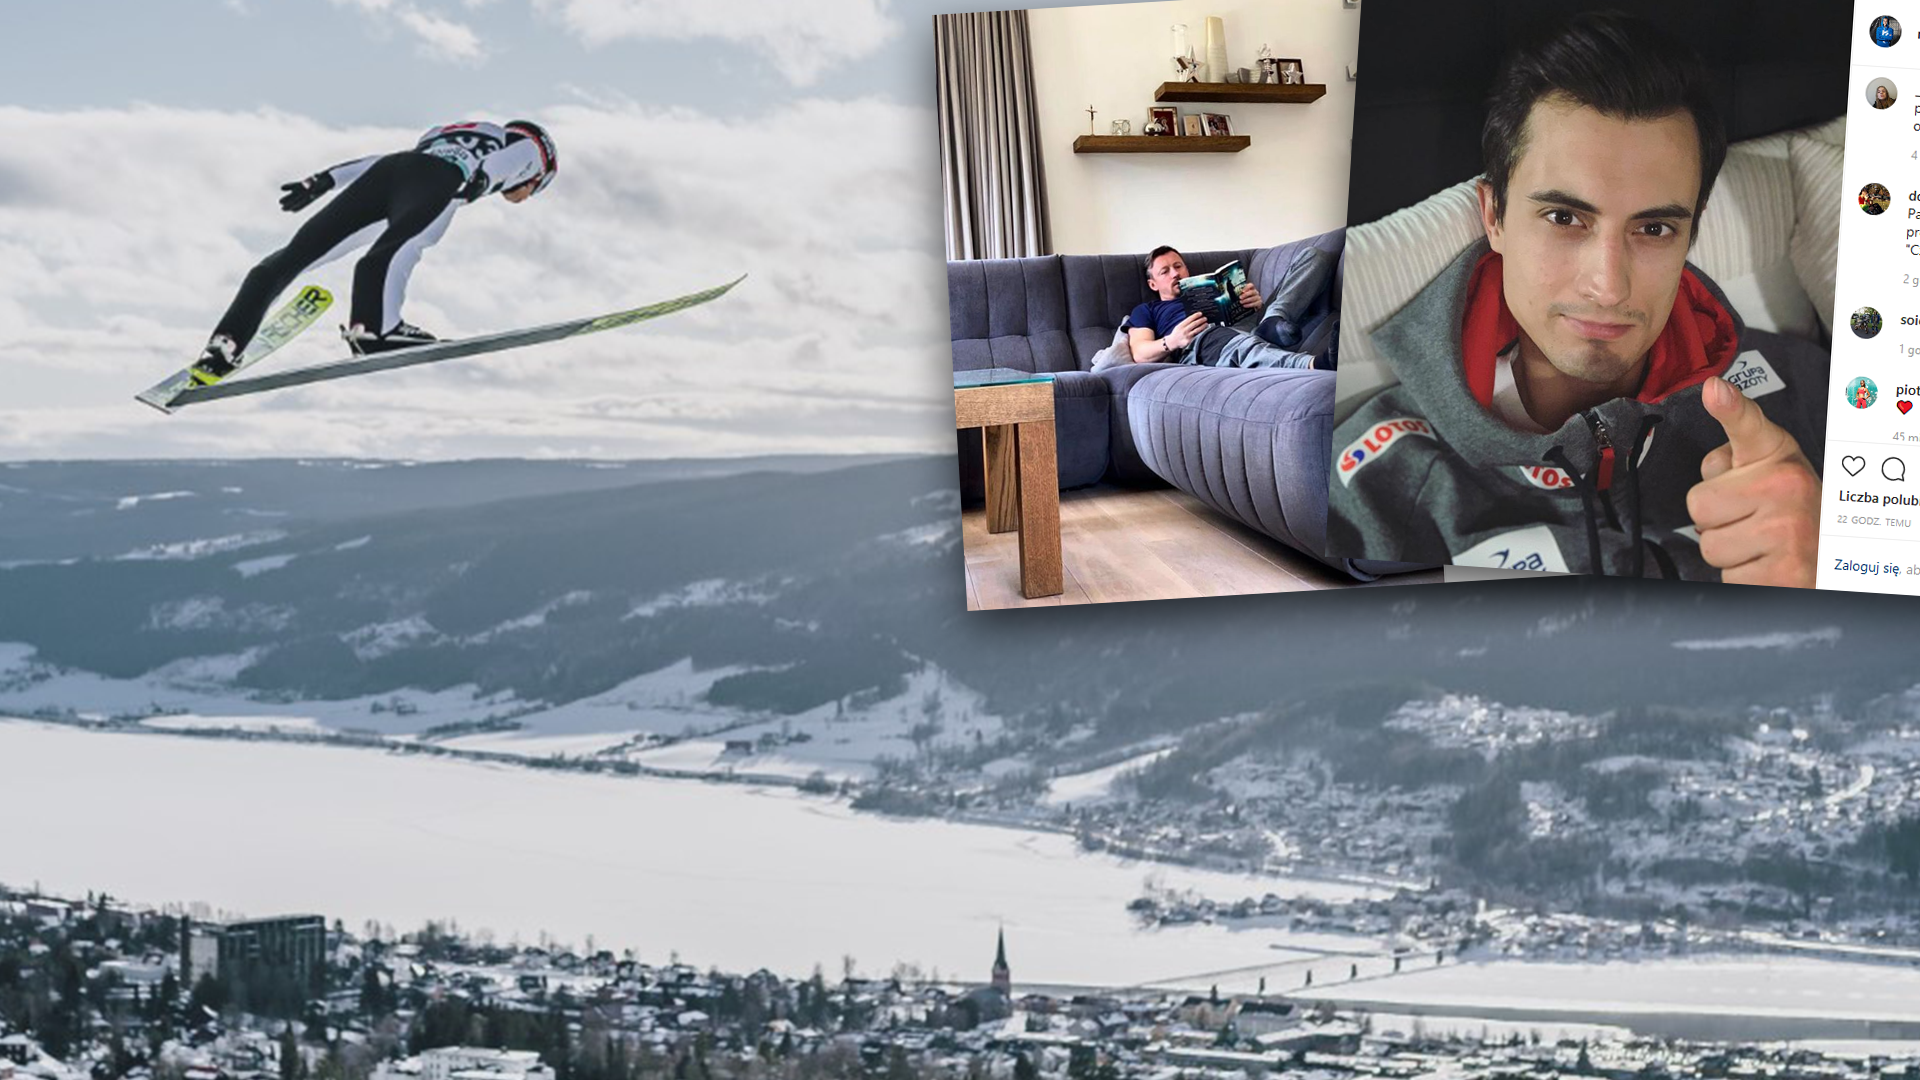 Skoki narciarskie Adam Małysz i Maciej Kot namawiają do